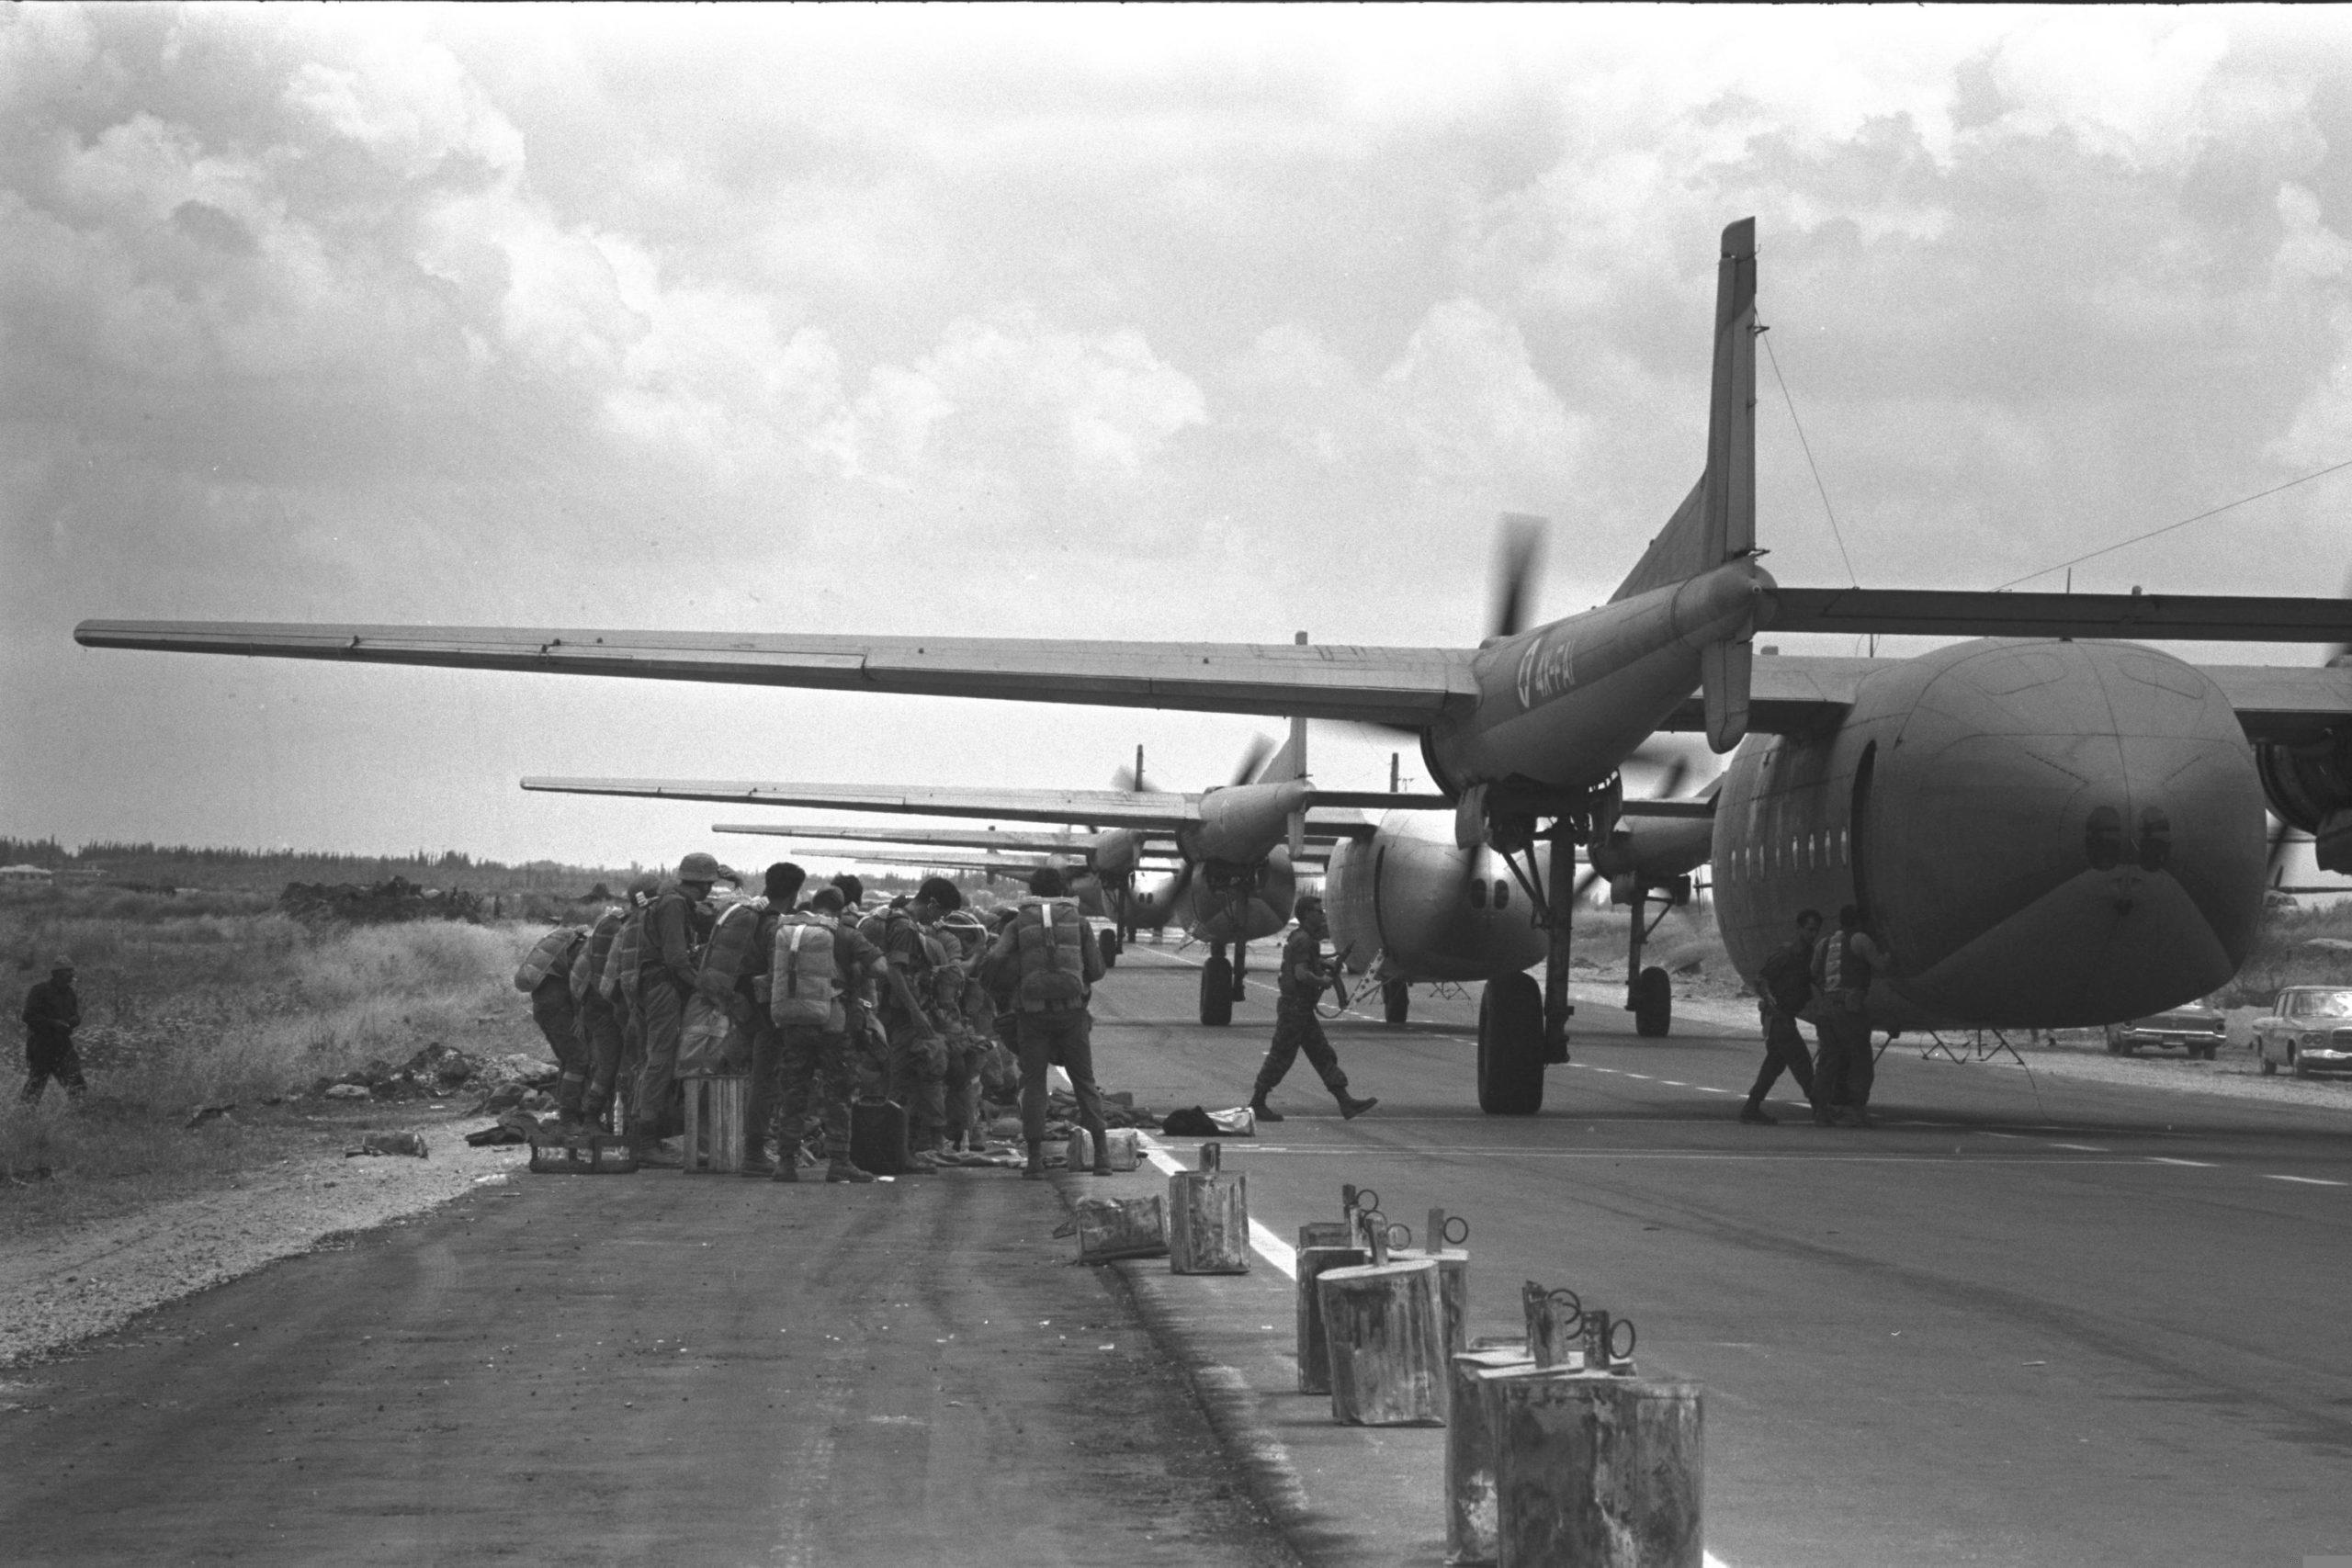 Un'unità di paracadutisti israeliani in partenza per il Sinai. In seguito a un cambio di ordini, l'aereo farà rotta su Gerusalemme. [Government Press Office (Israel) - CC-BY-SA 4.0]